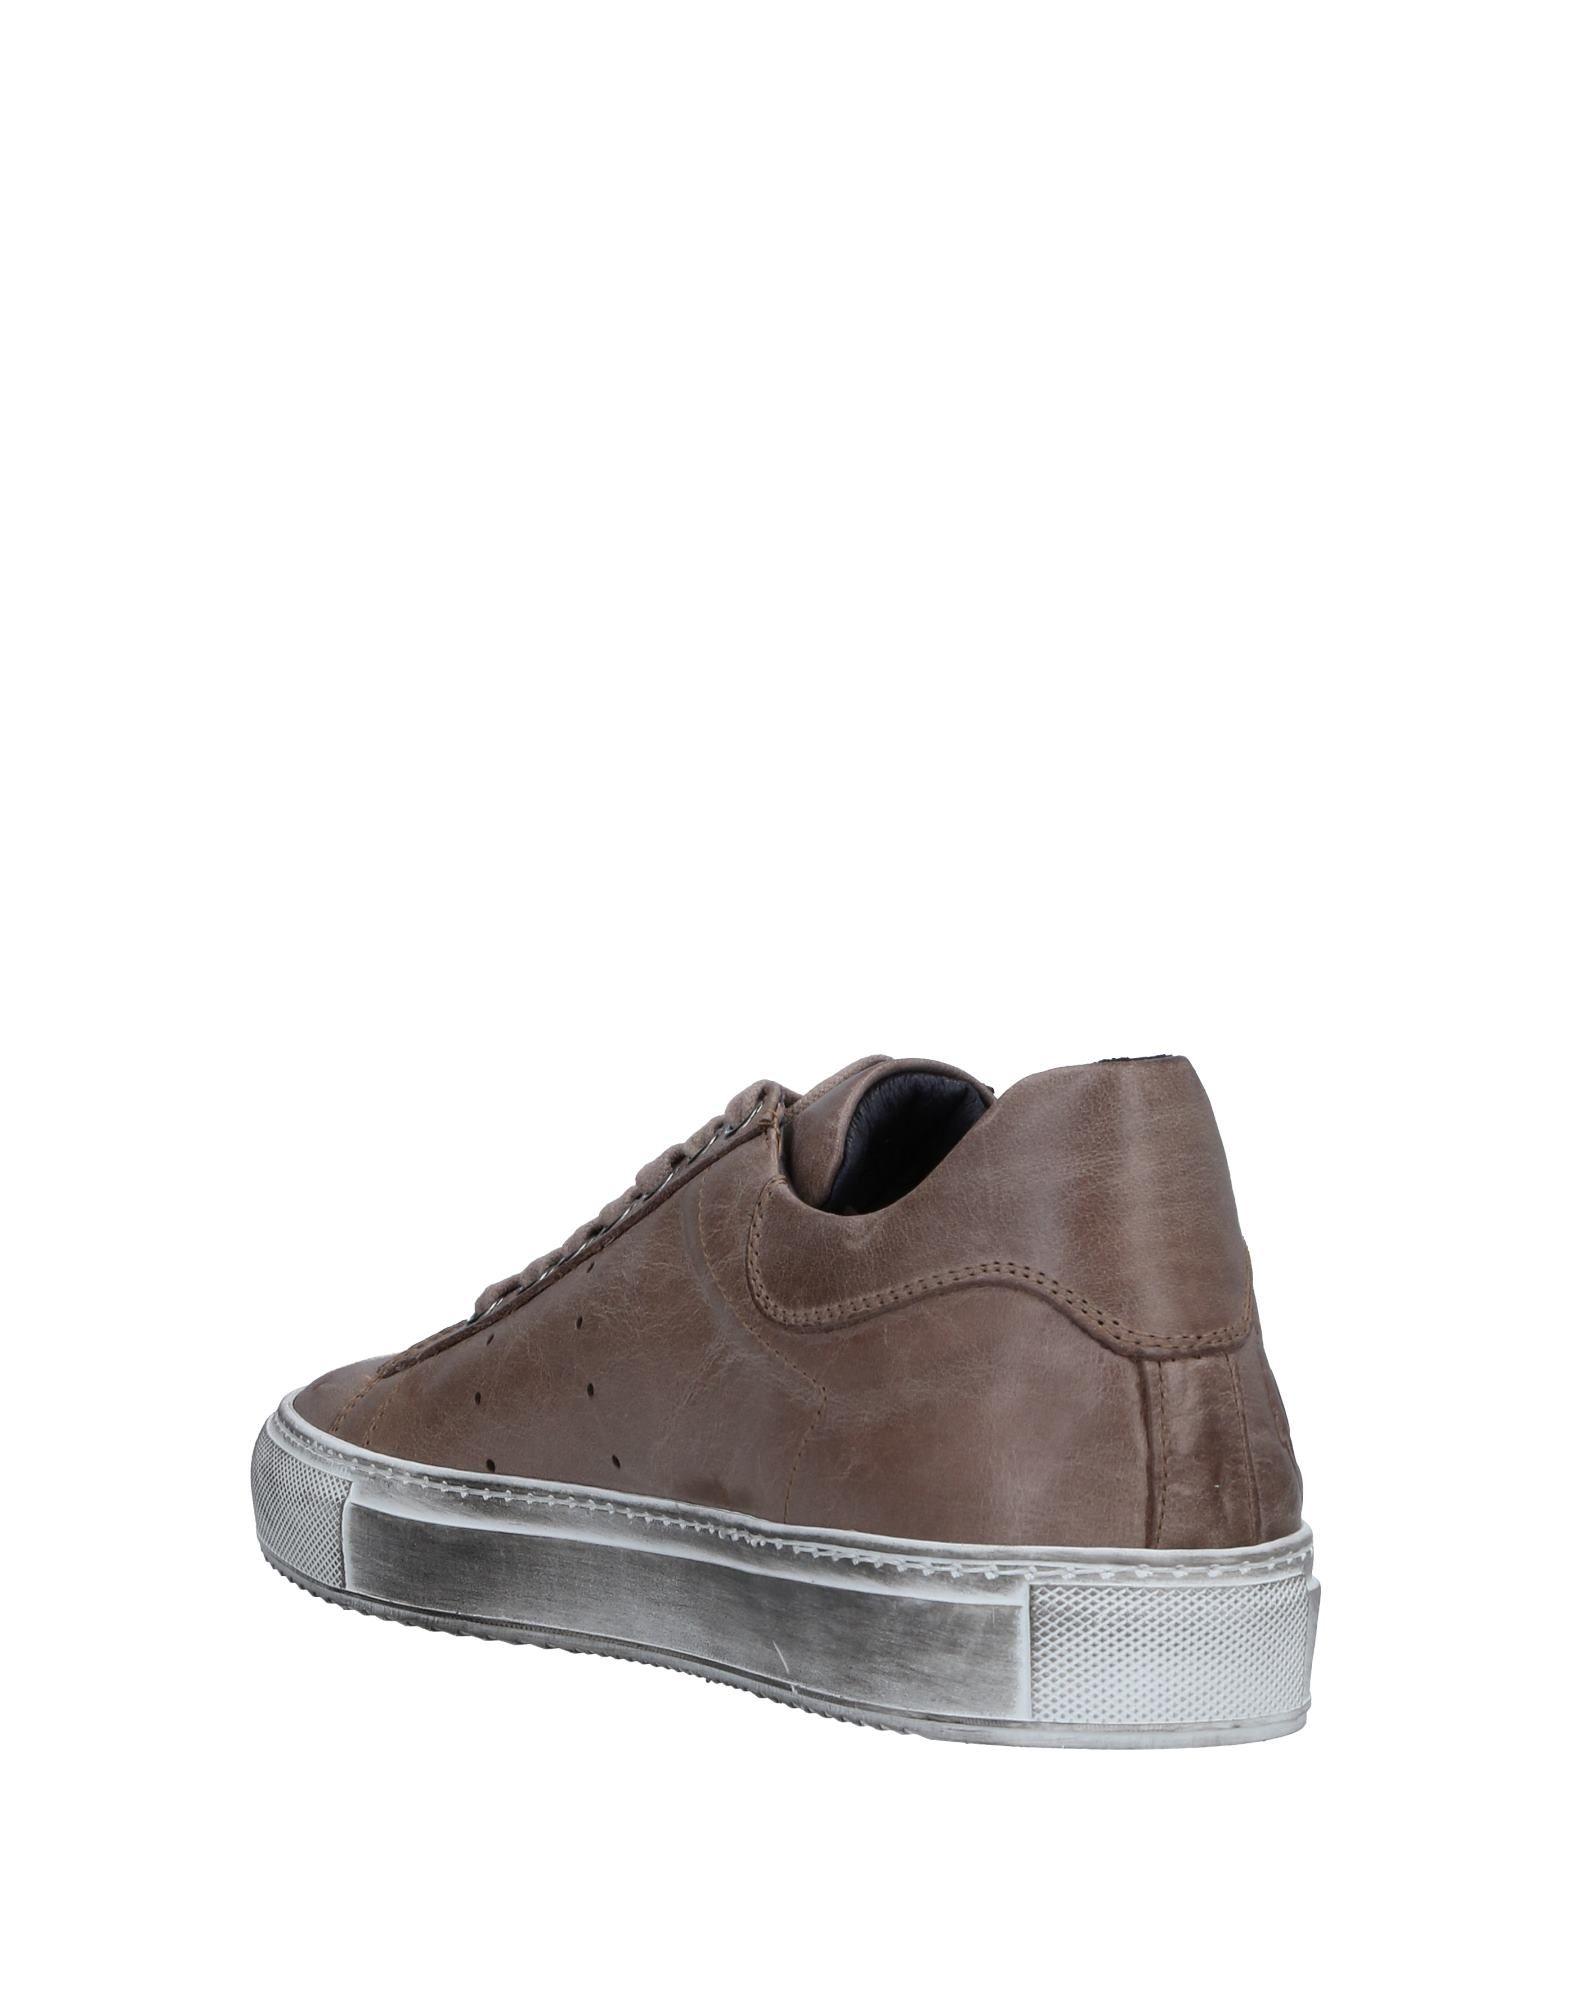 Cesare P. Sneakers Herren Herren Sneakers  11534431VD b92b56